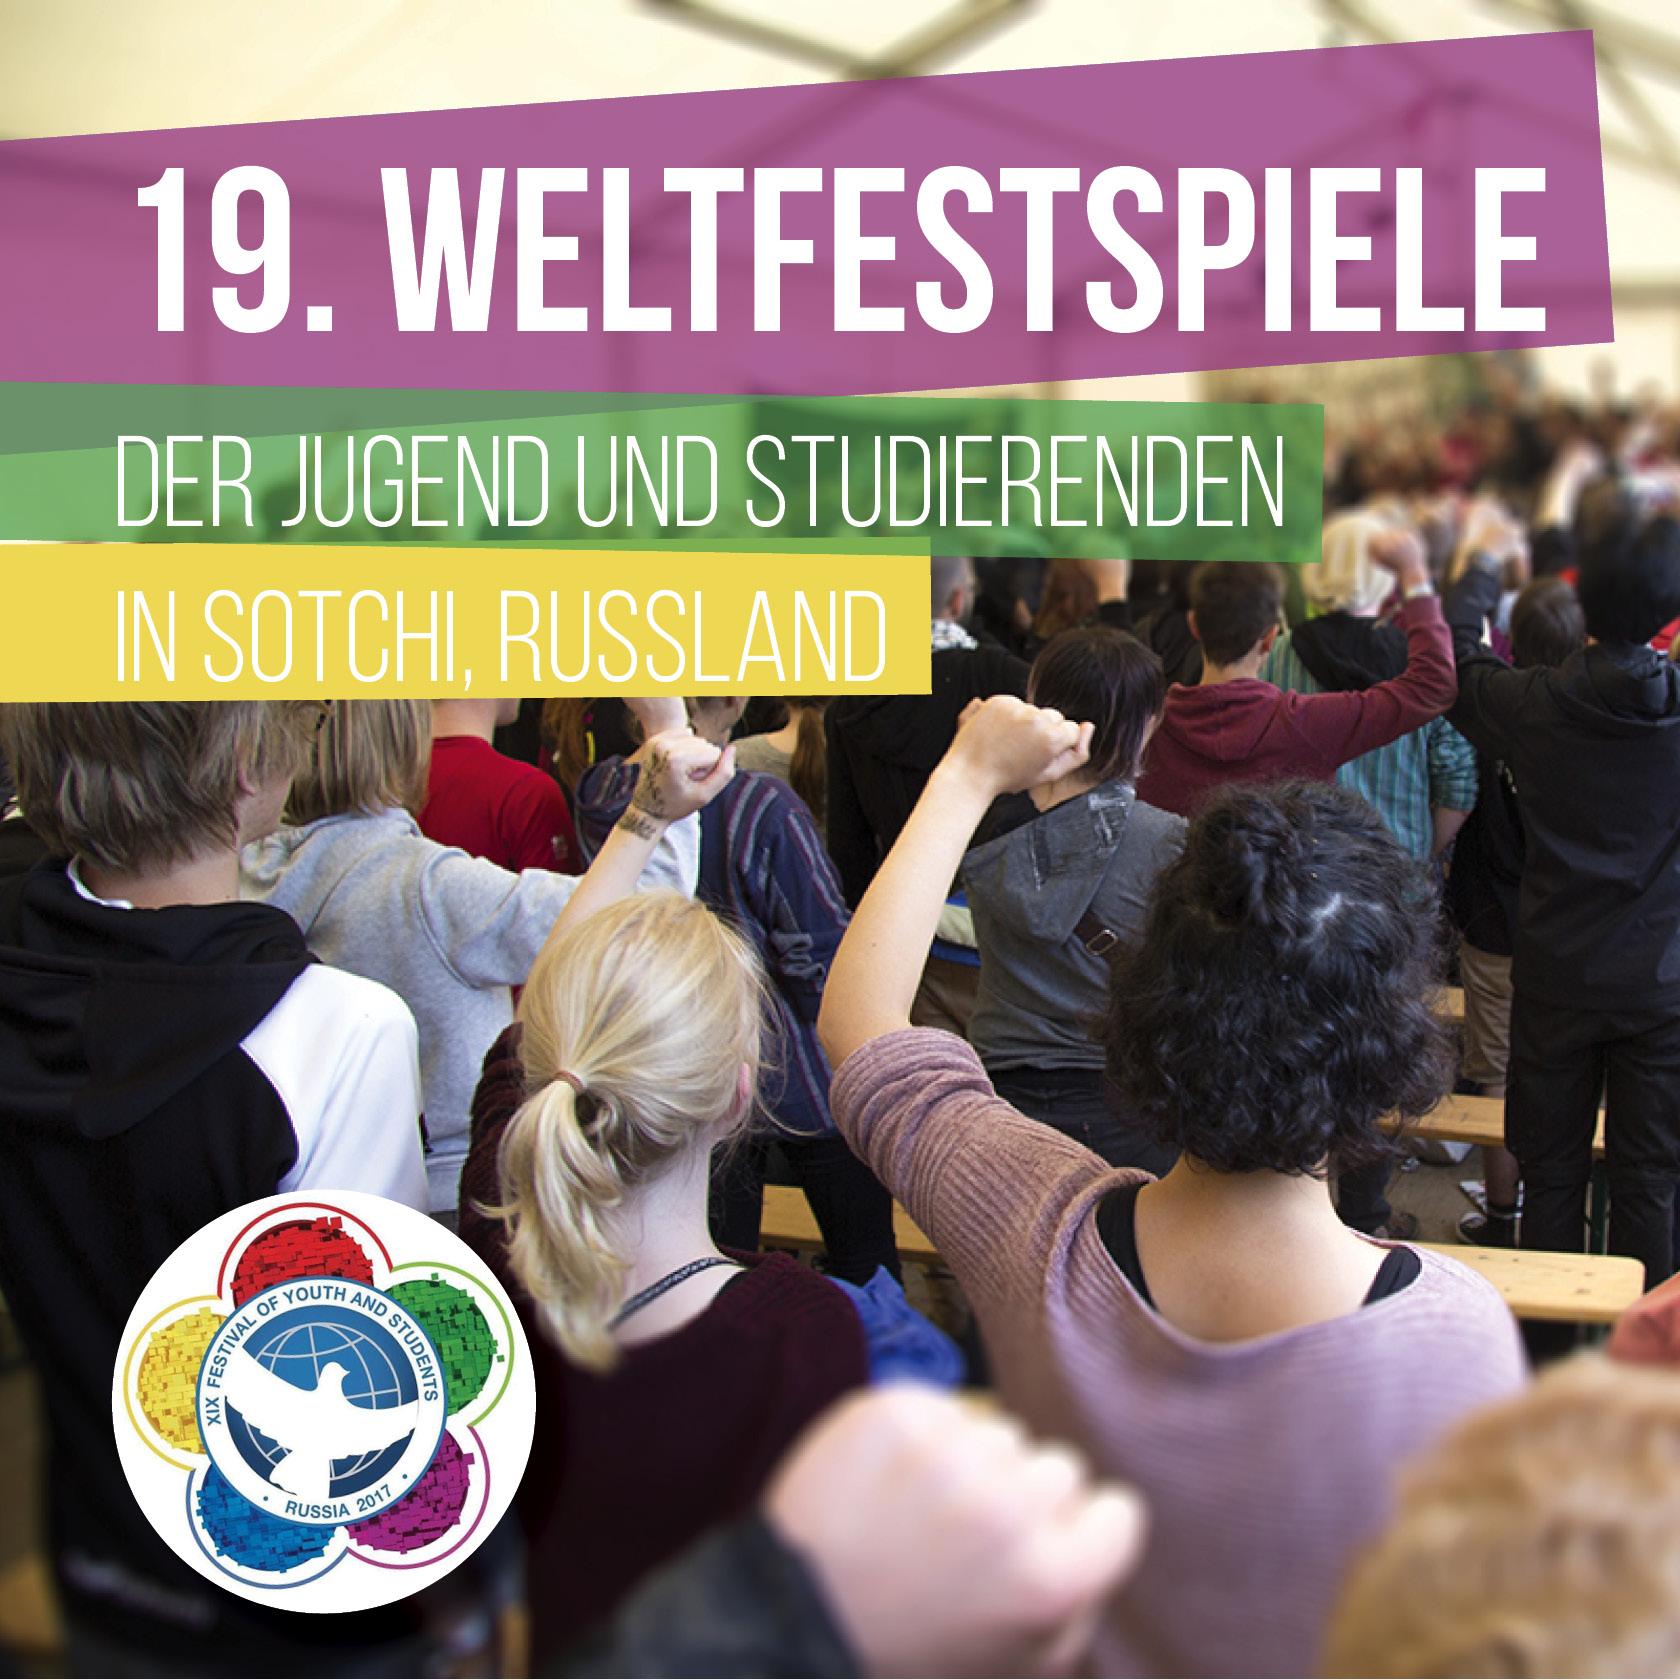 19. Weltfestspiele der Jugend und Studierenden